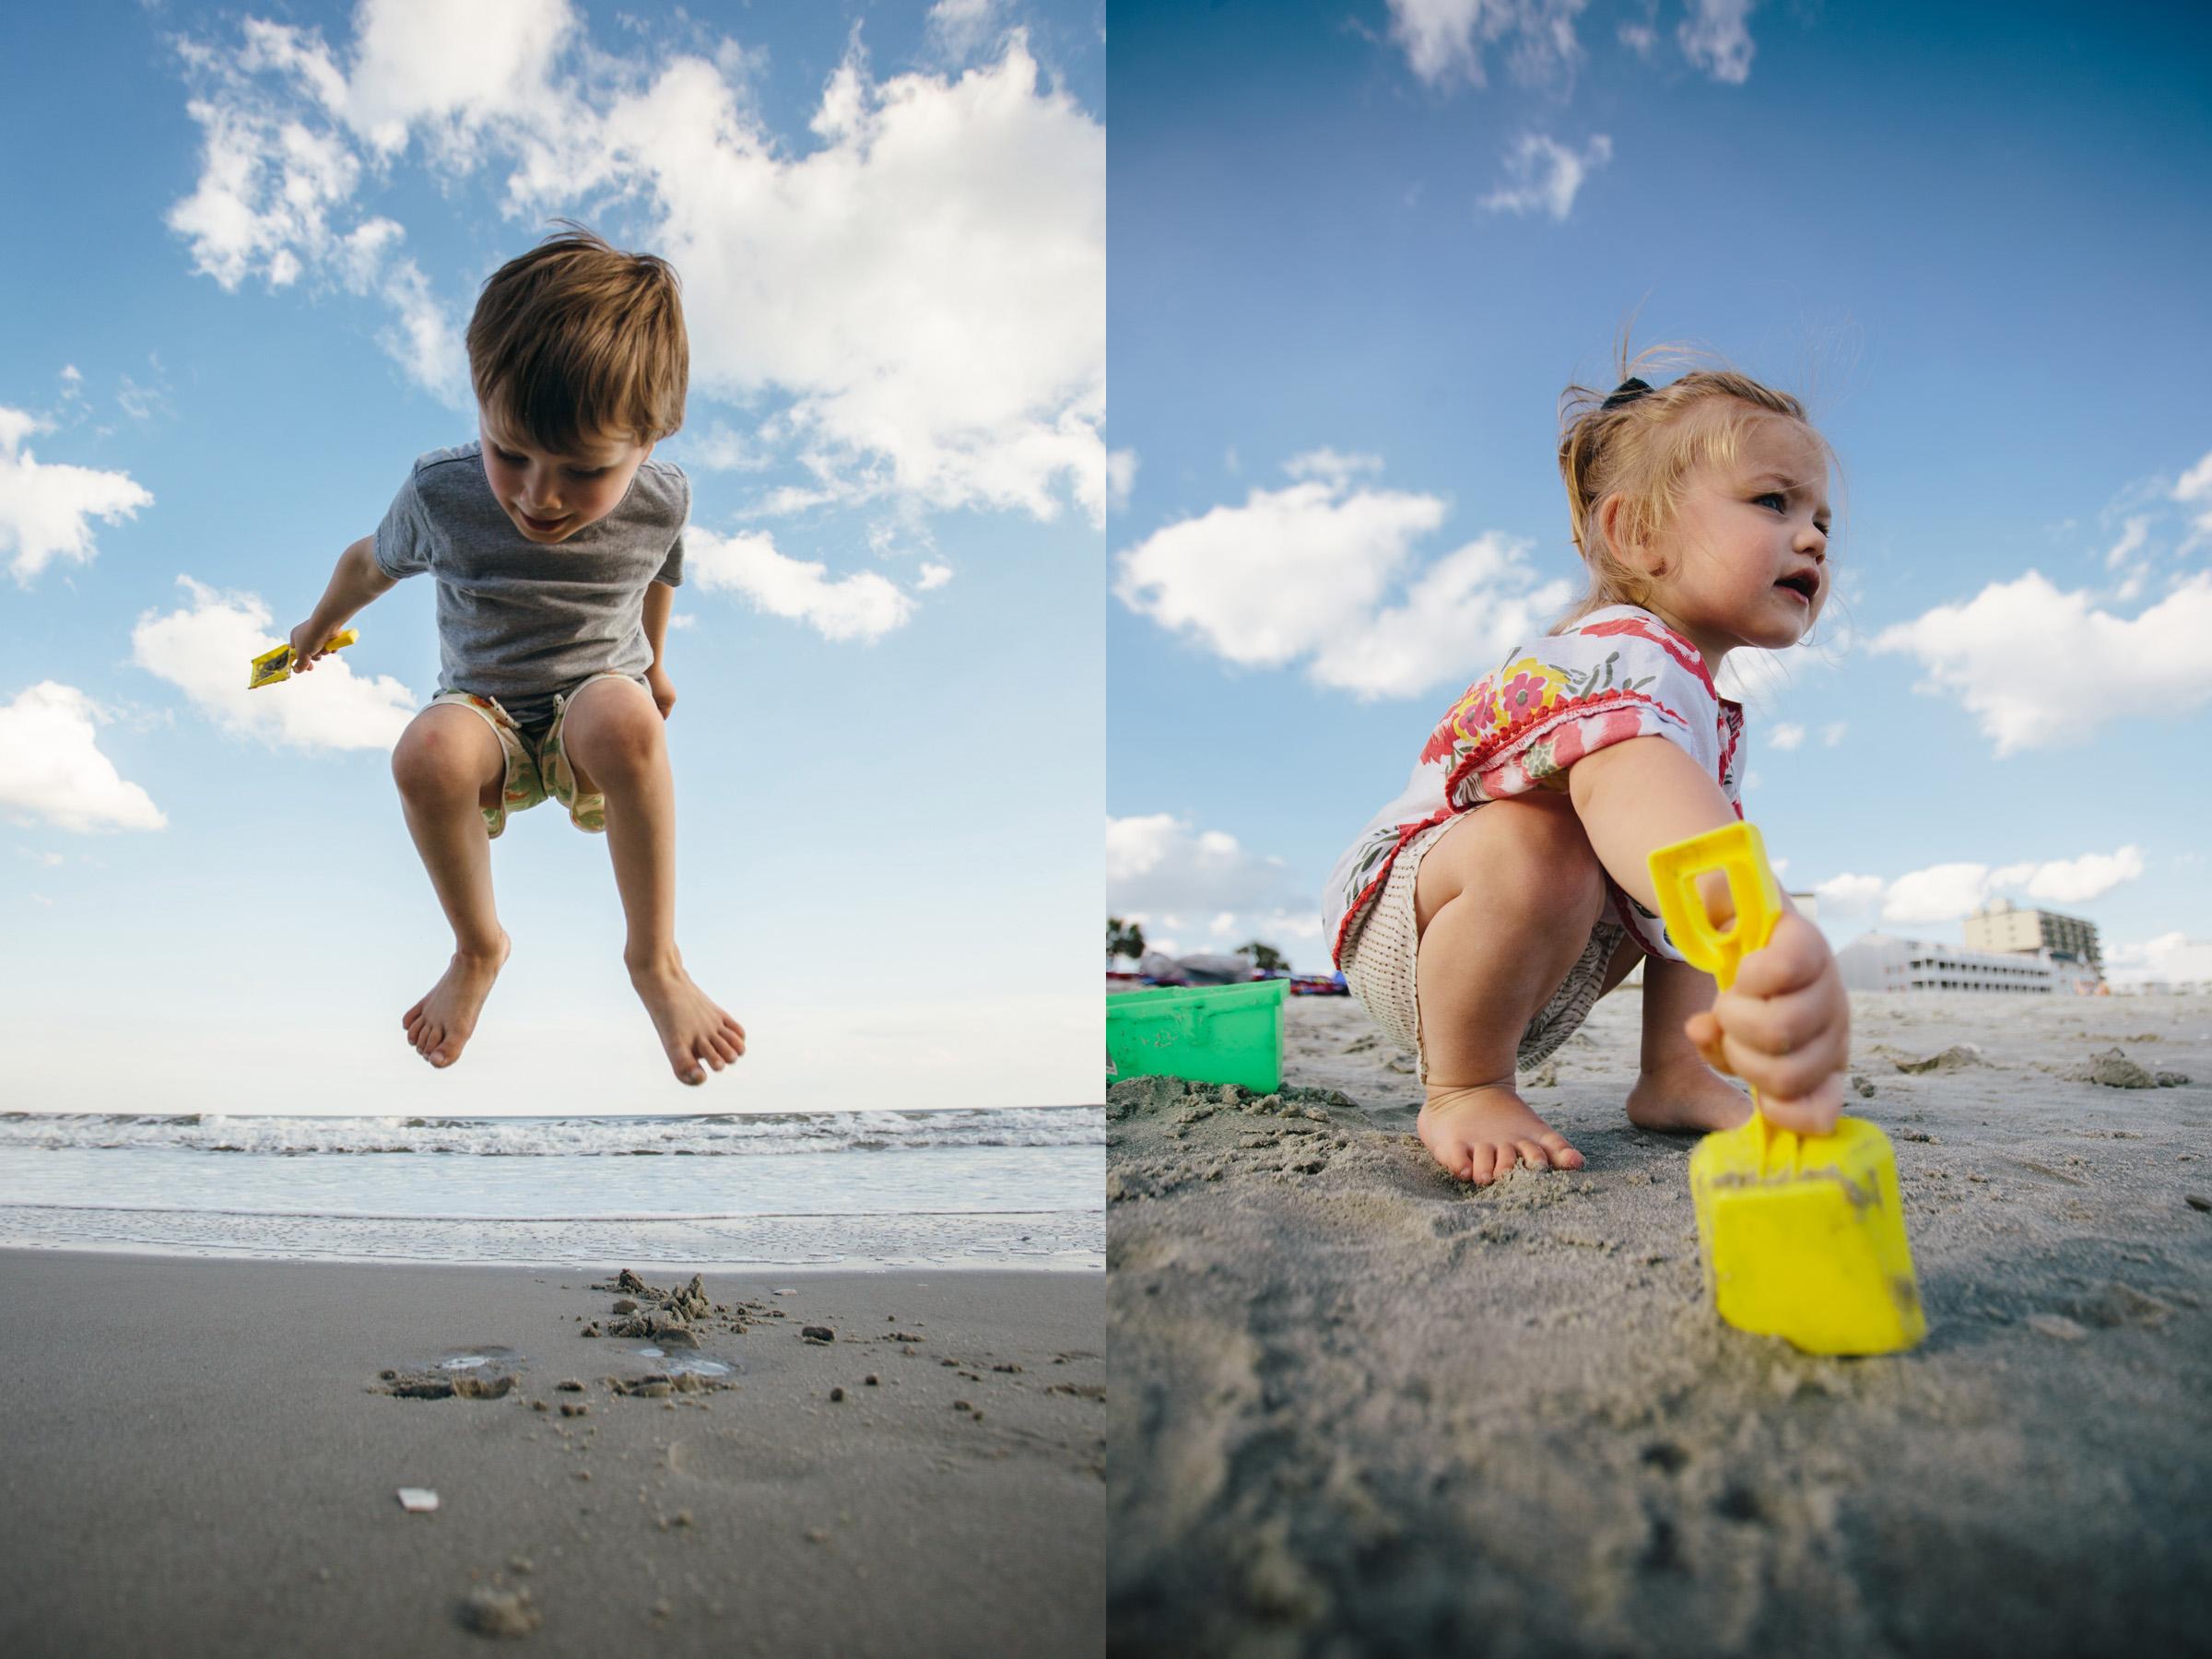 myrtle_beach_kids1.jpg